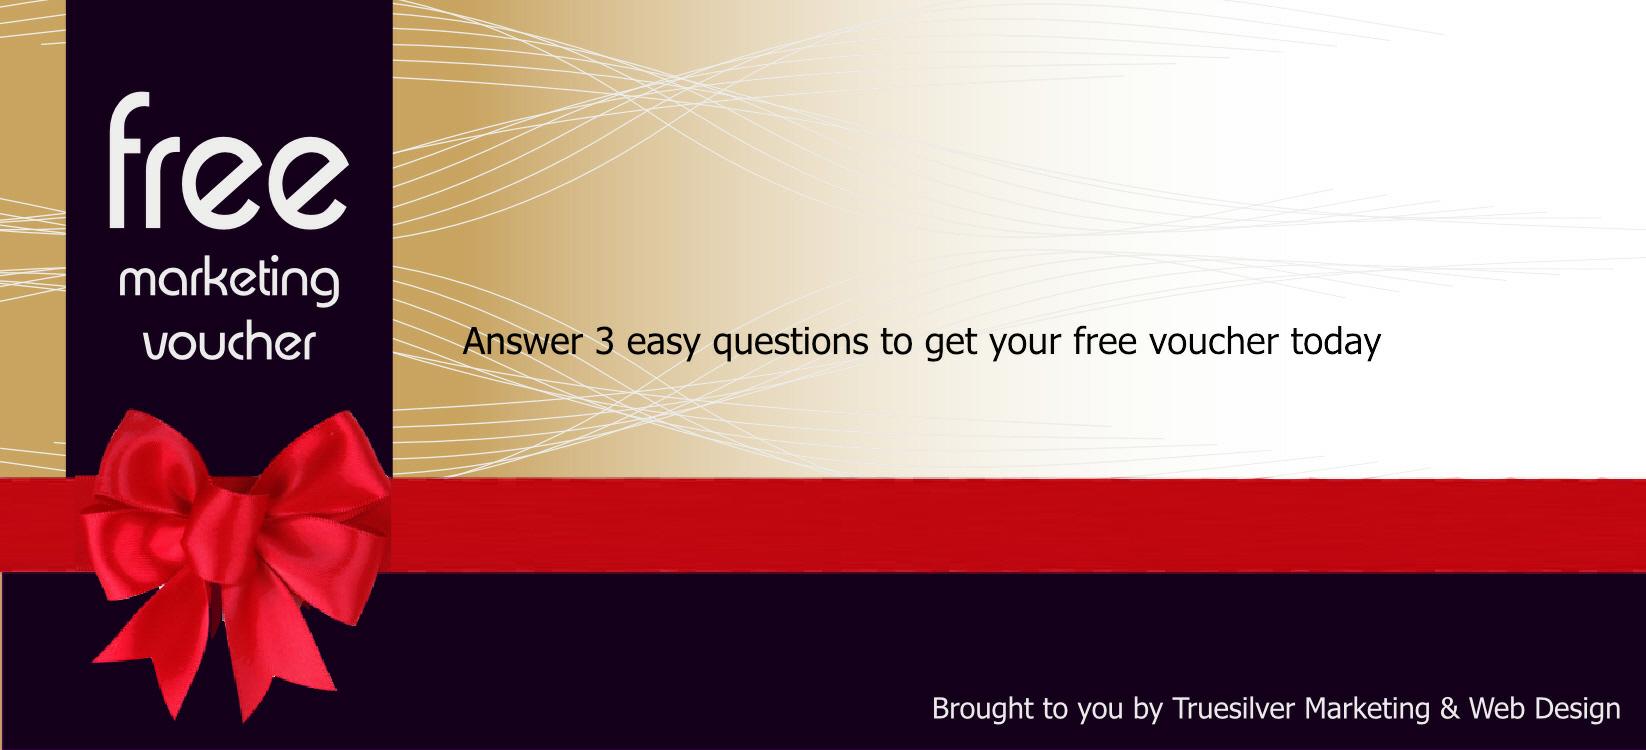 free-marketing-voucher